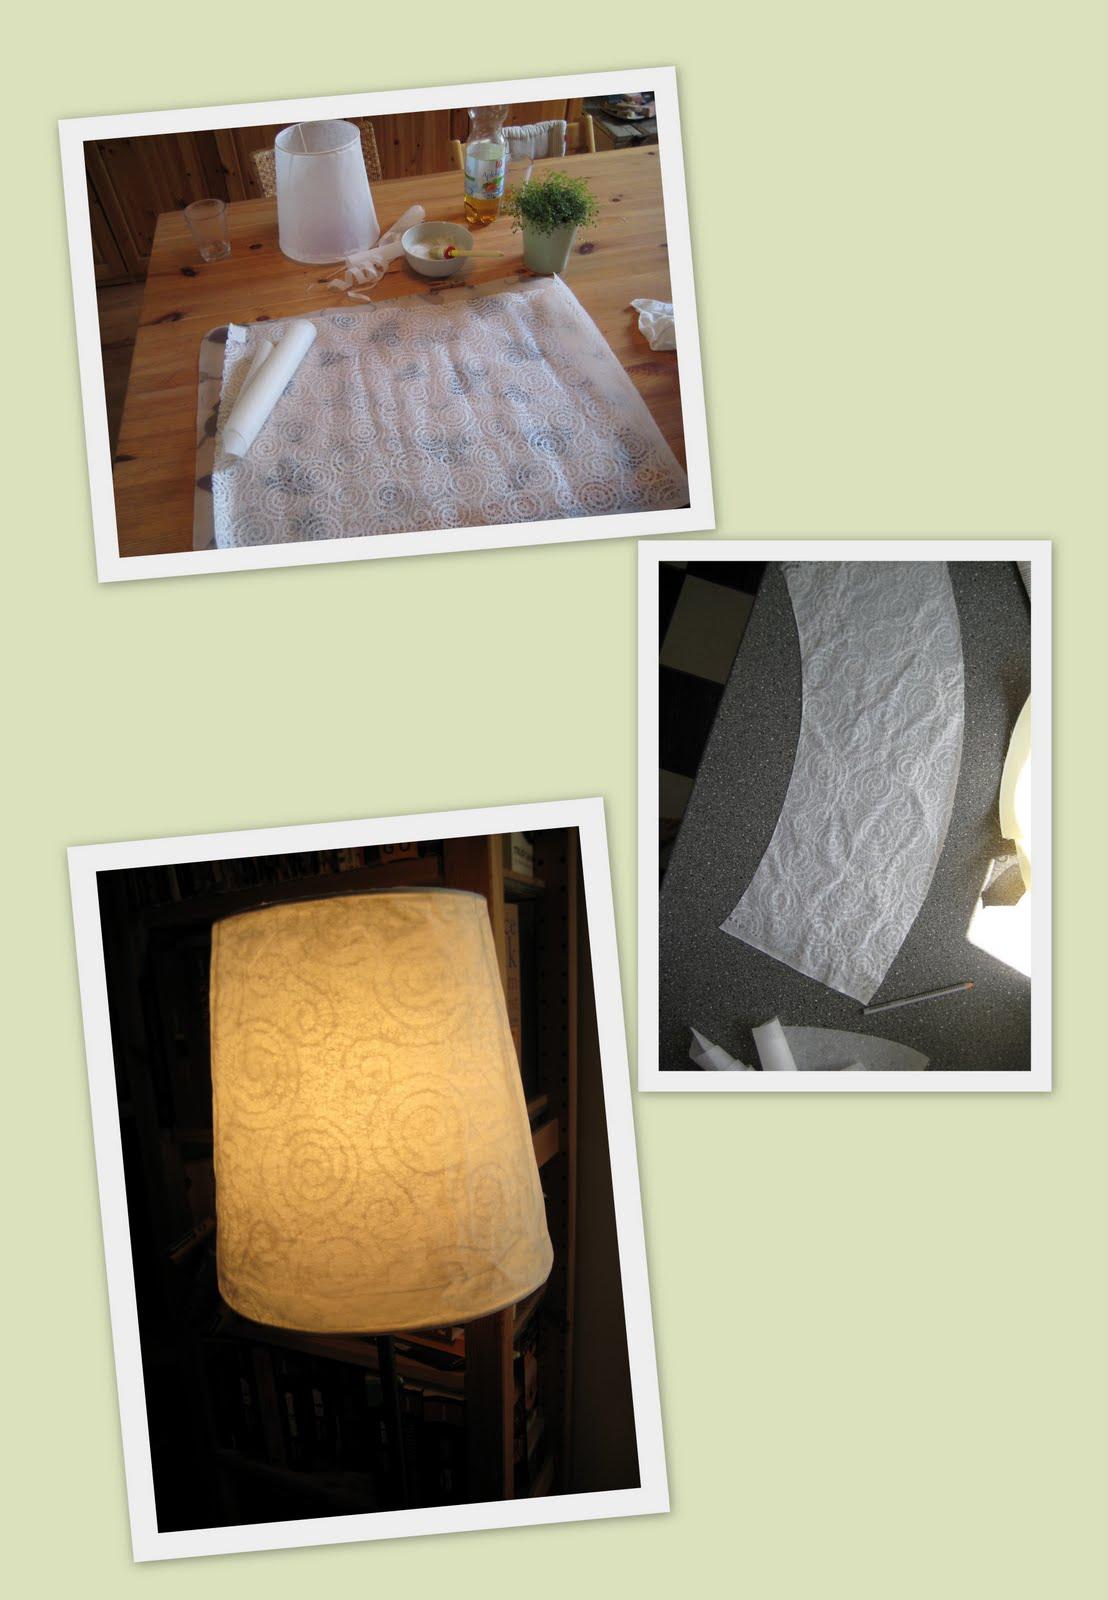 eifelseife august 2010. Black Bedroom Furniture Sets. Home Design Ideas